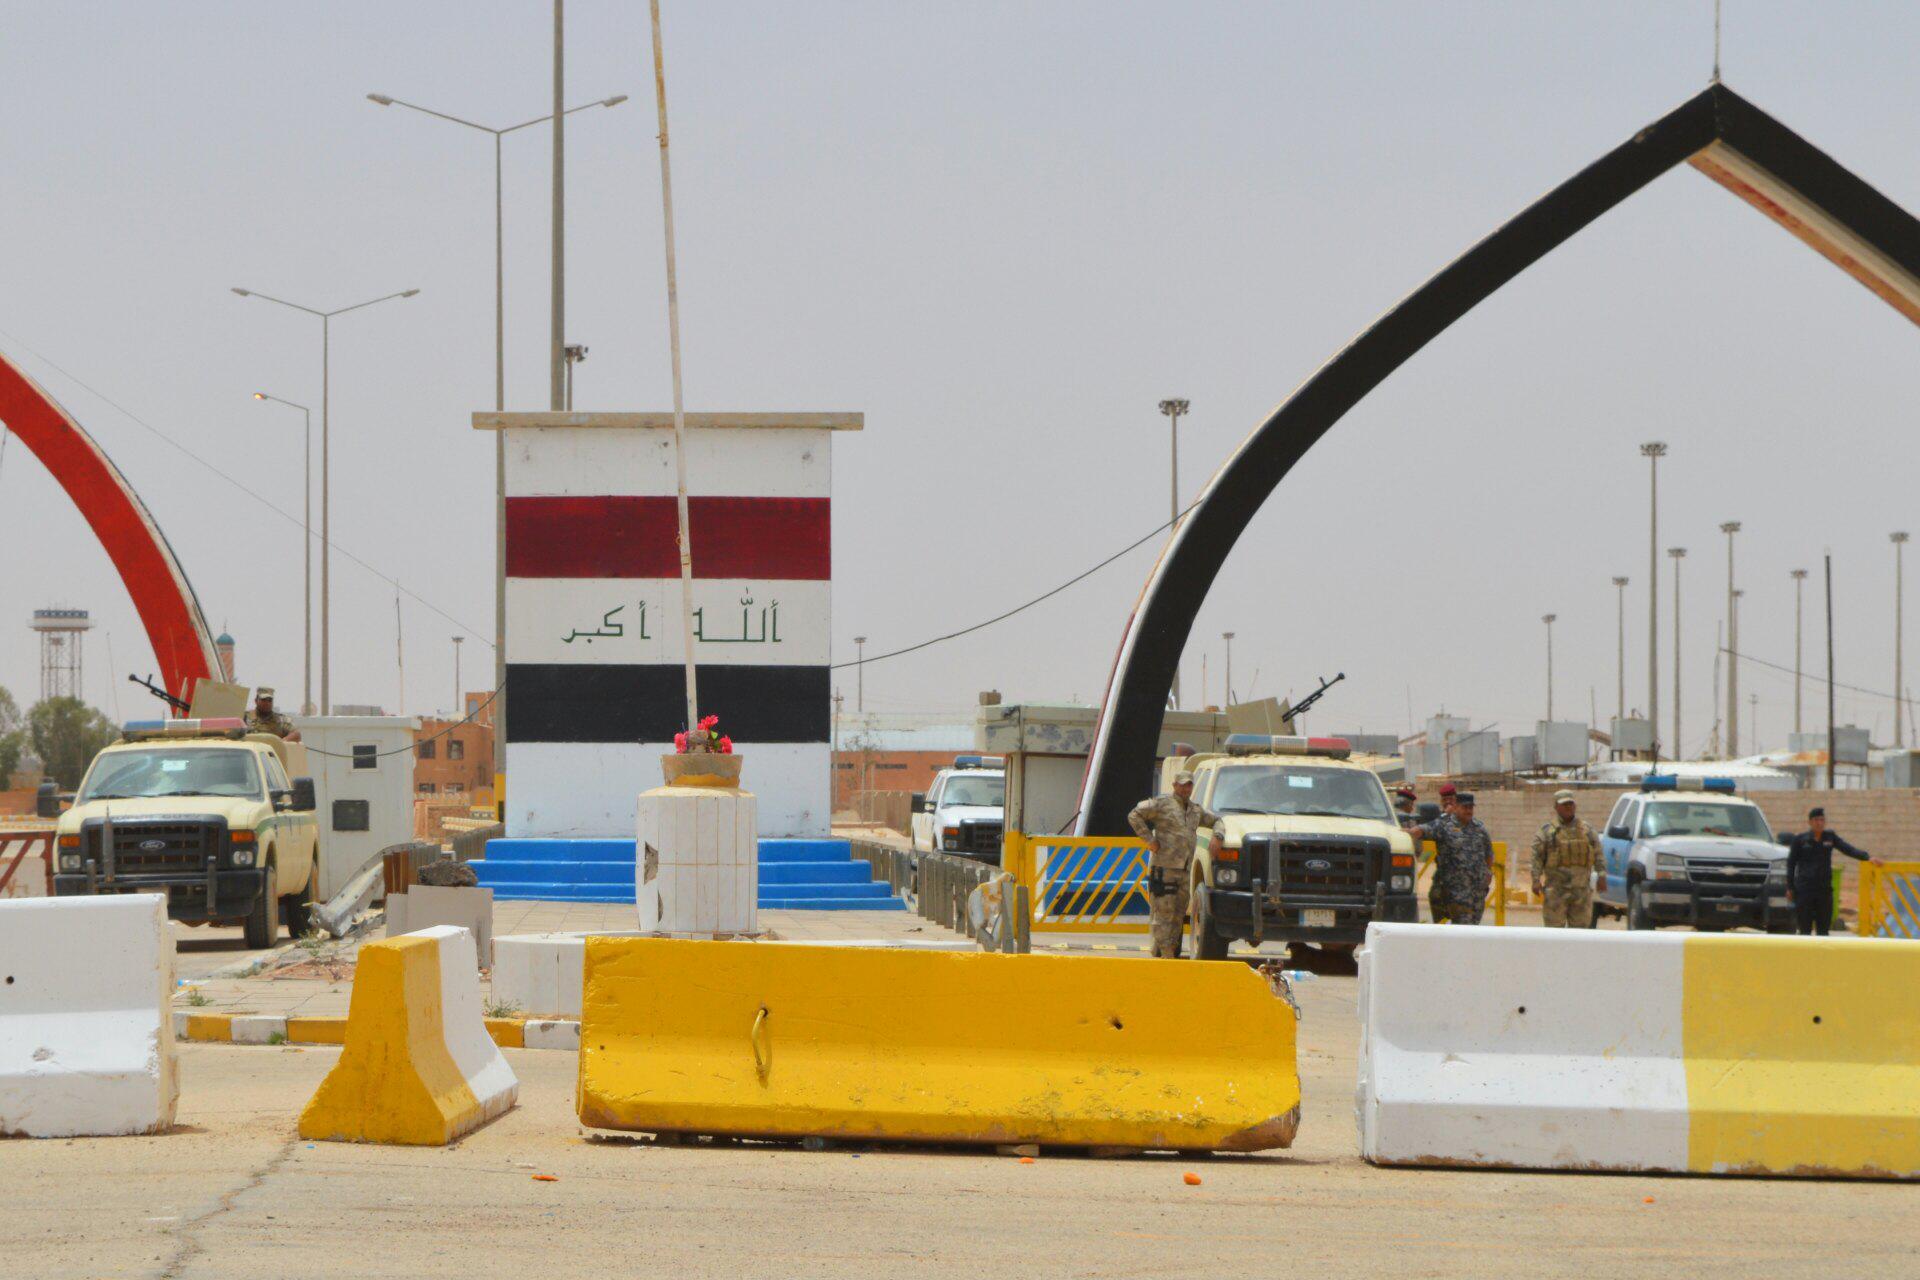 دخول اول خمس عوائل من الاردن الى العراق عبر طريبيل